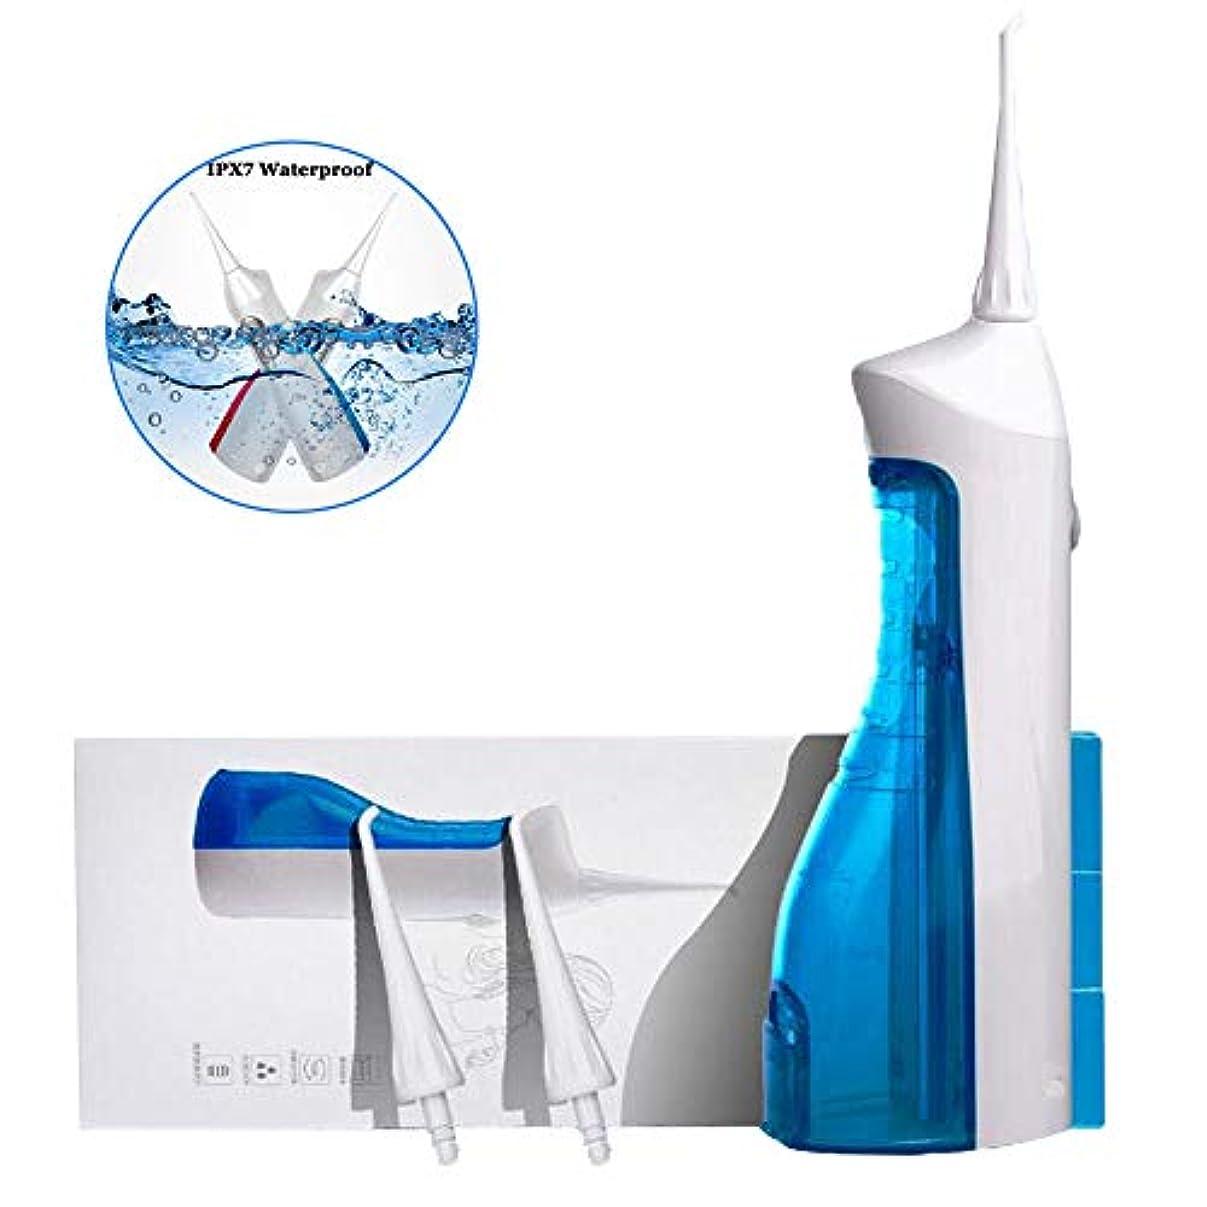 コンベンション描写資格情報歯用ウォーターフロッサー、ポータブルプロフェッショナルコードレス歯科口腔洗浄器、150mlタンク、2本のジェットチップ付き歯磨き粉用クリーナー、2つのクリーニングモード、USB充電式、IPX7防水